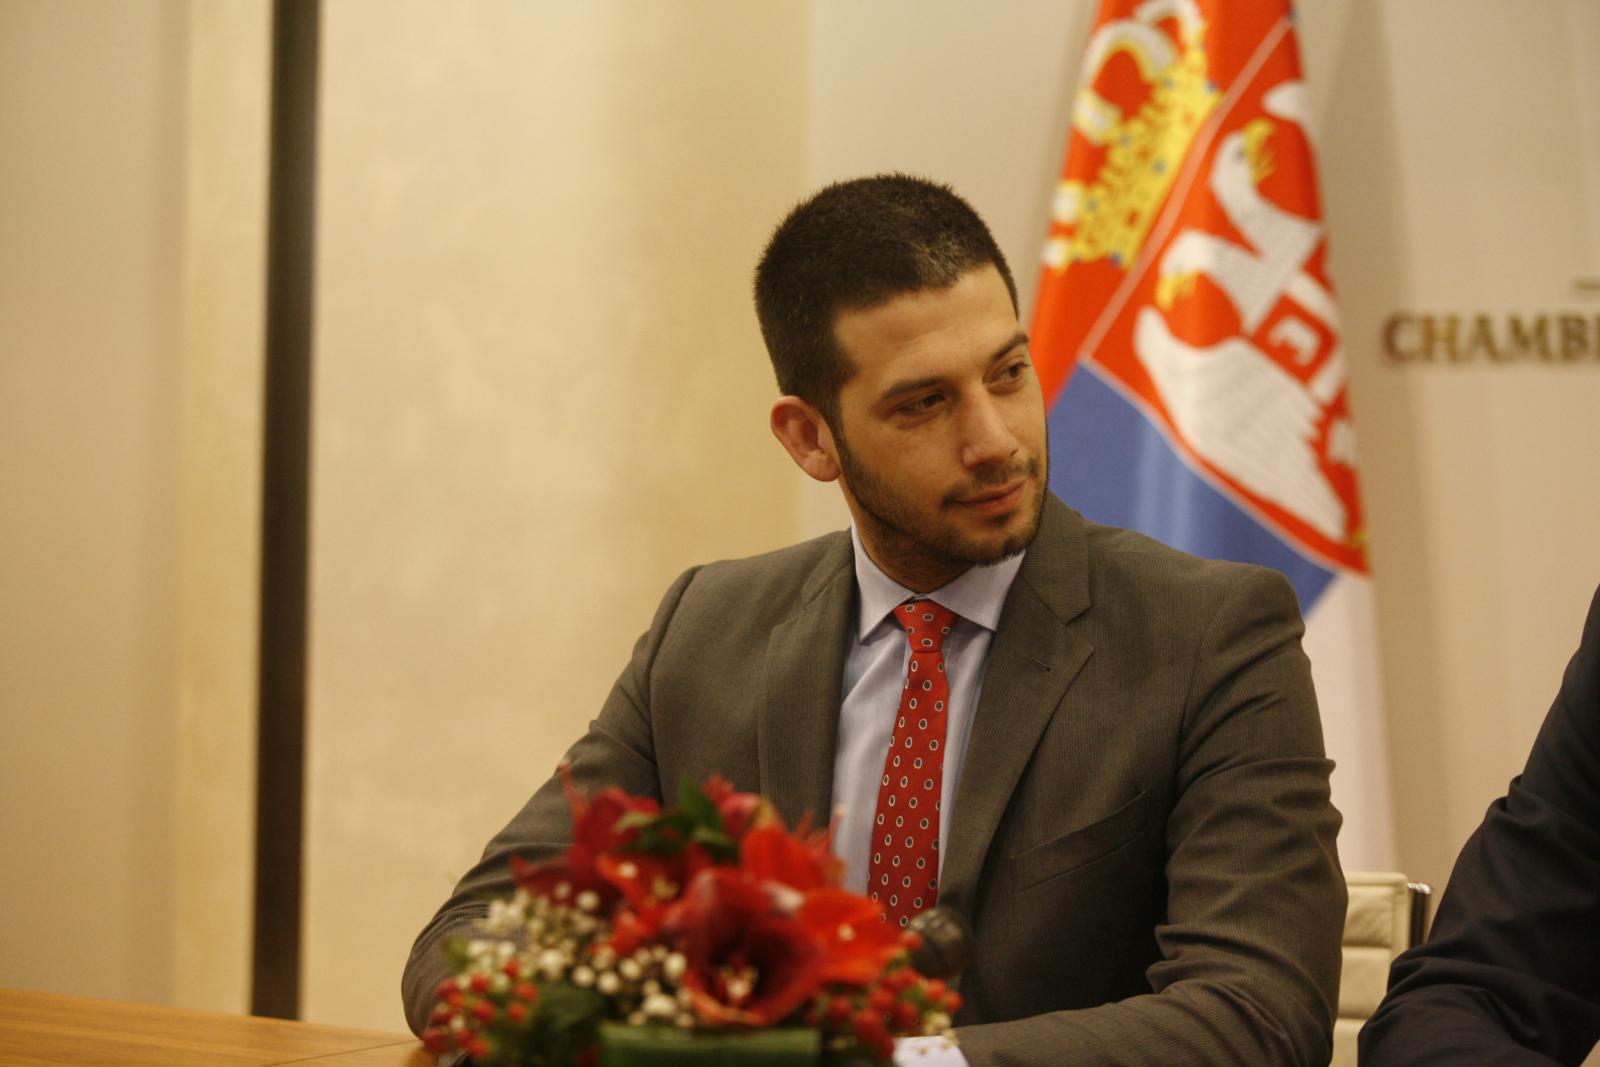 МинистарУдовичићипредседник Привредне коморе СрбијеЧадежпотписалиСпоразум о сарадњи